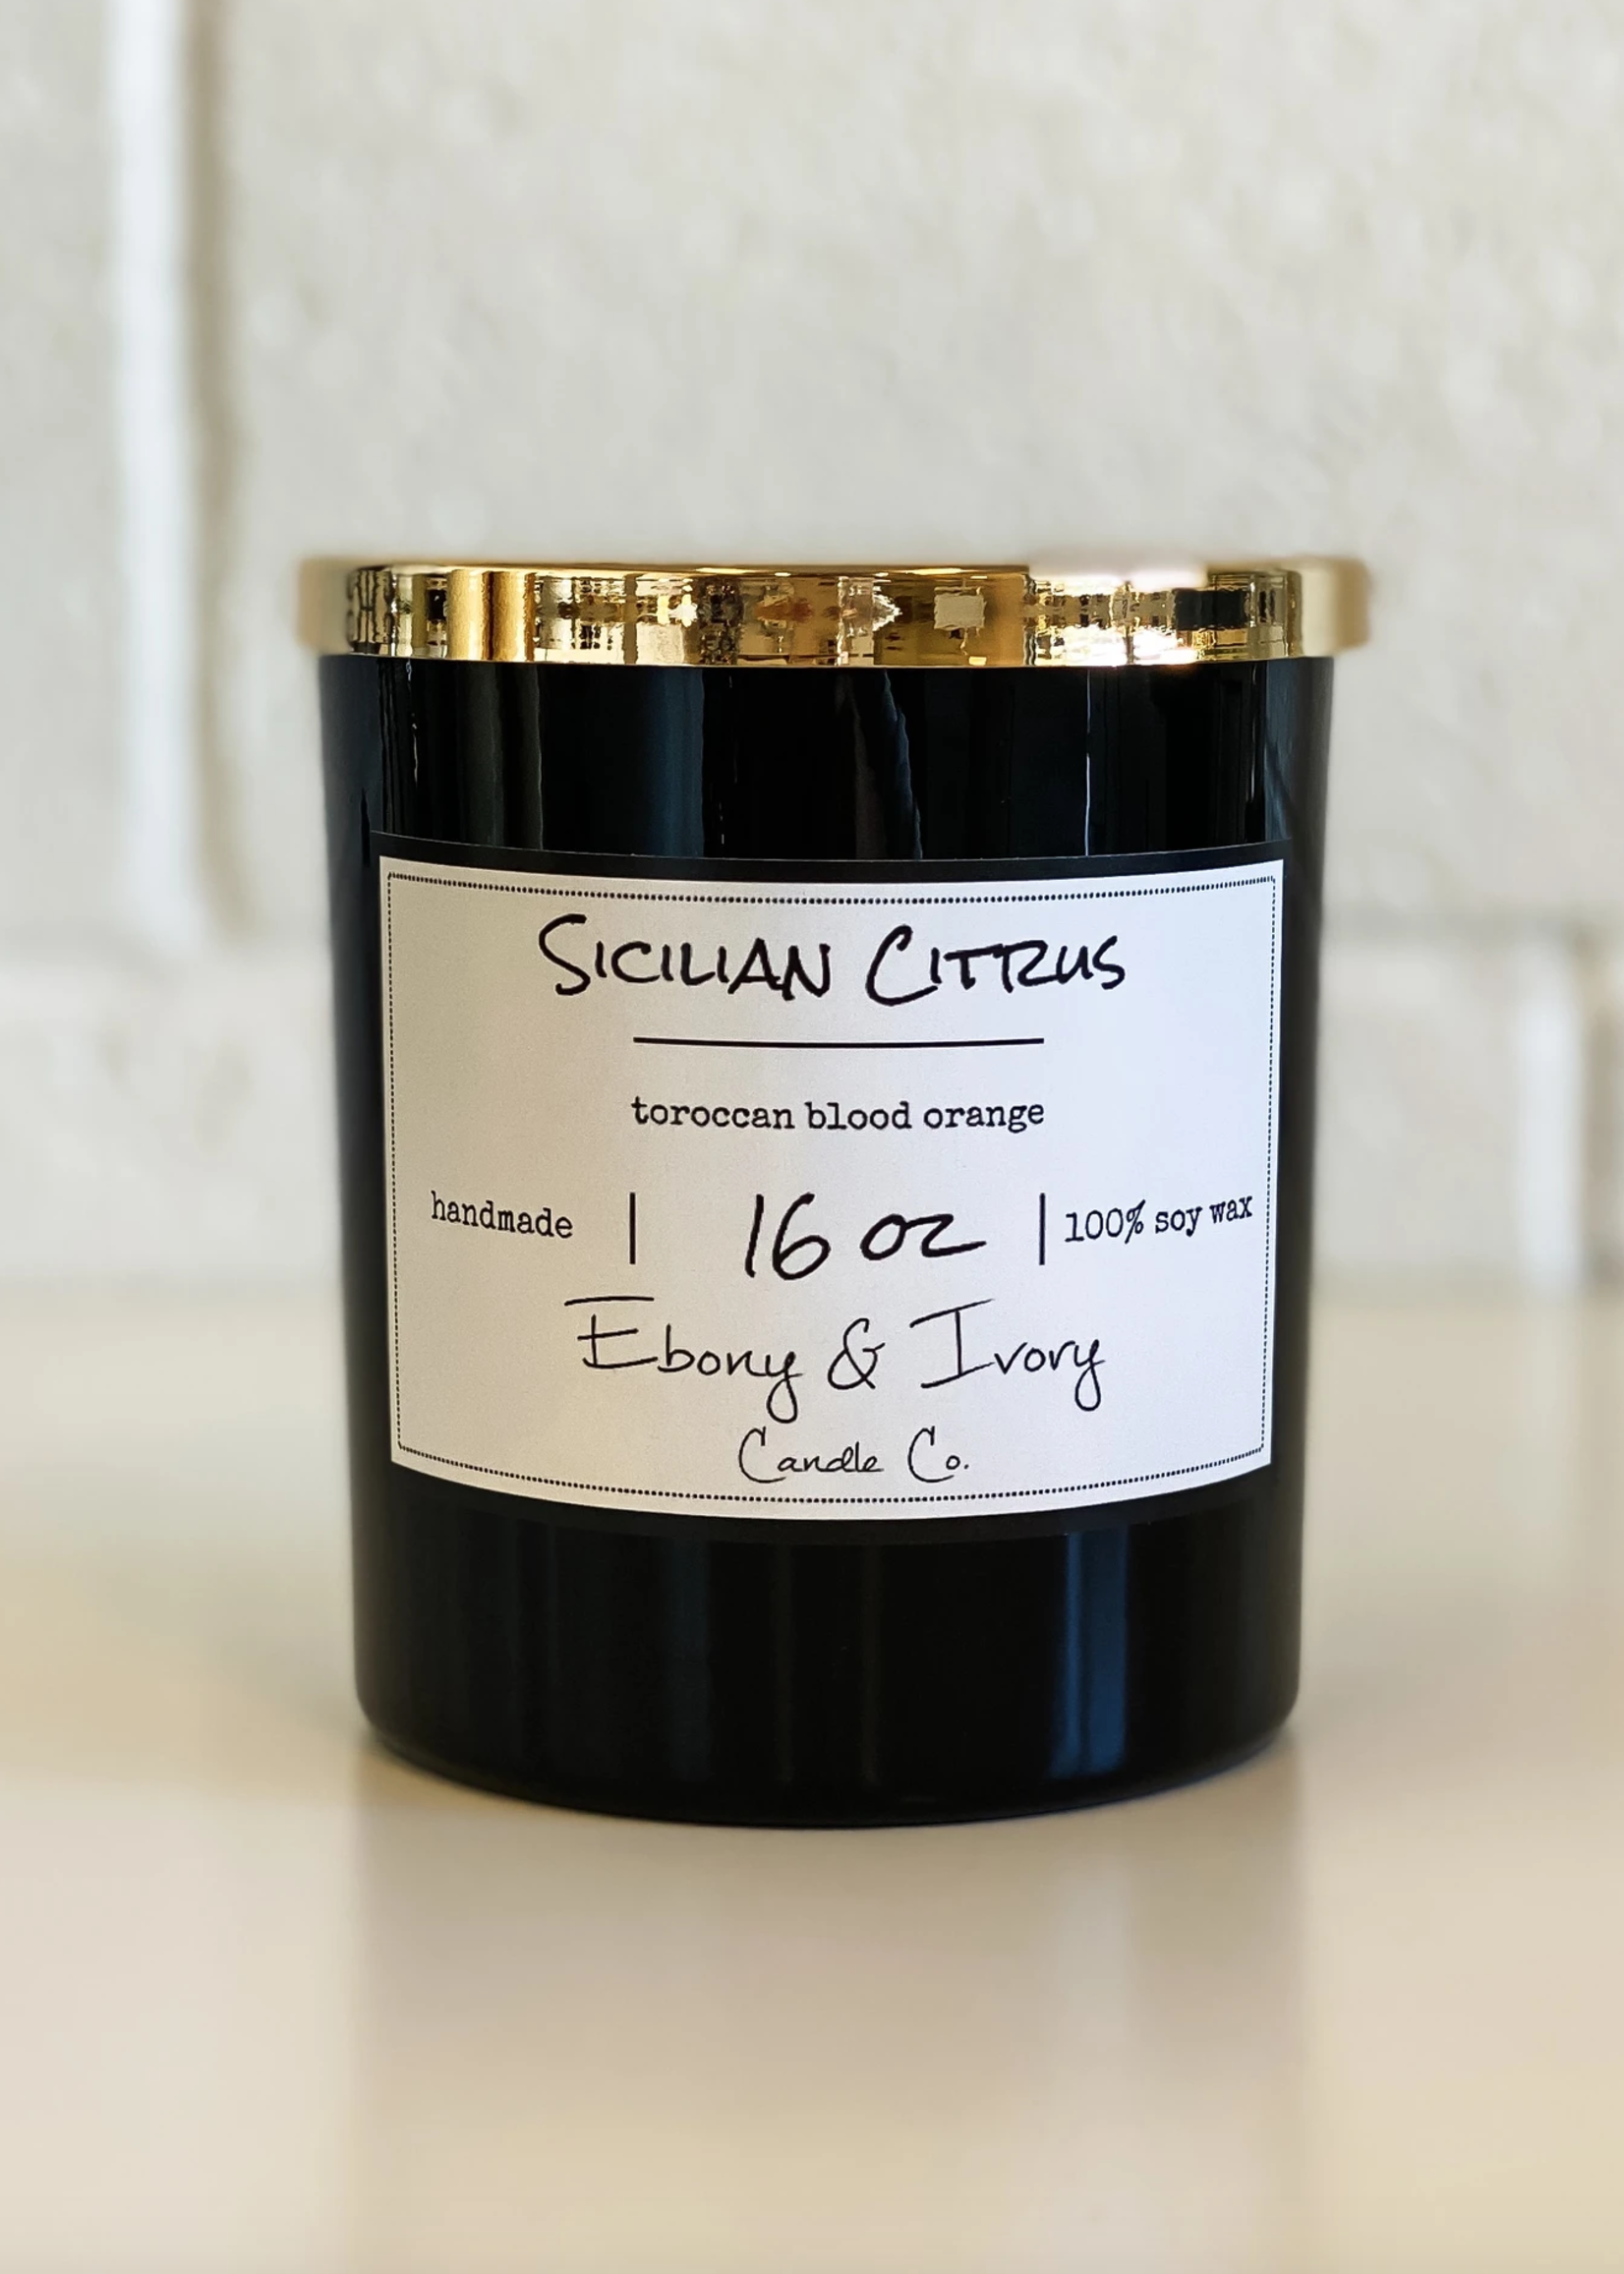 Ebony & Ivory Candle Co. Sicilian Citrus- 16oz